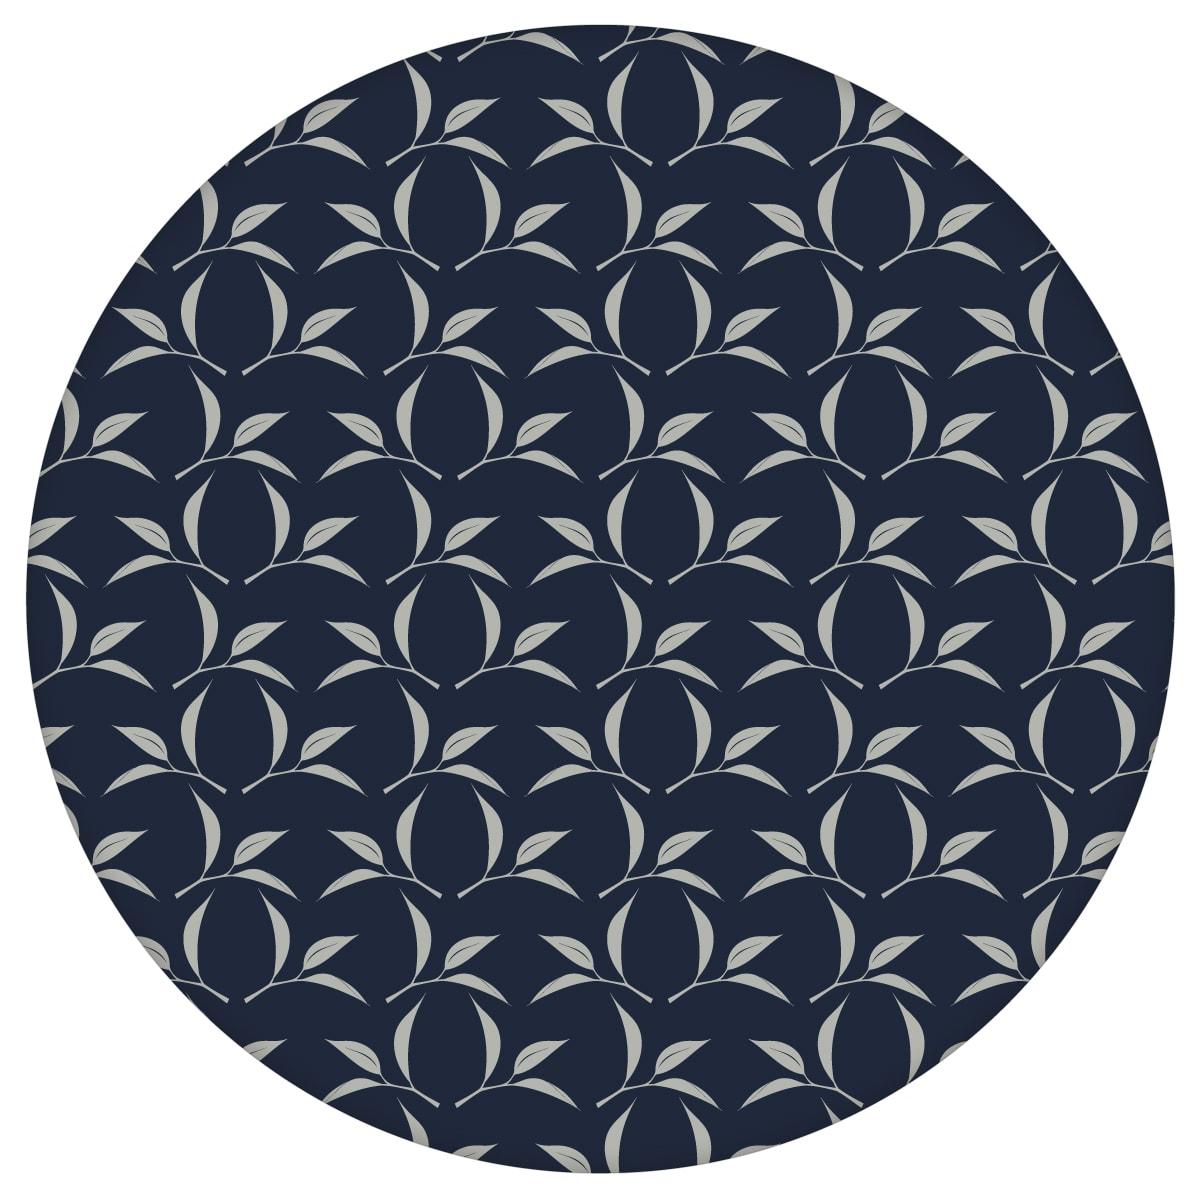 Dunkelblaue Ornamenttapete Tea Time mit Tee Blättern, Design Tapete als Wandgestaltungaus dem GMM-BERLIN.com Sortiment: blaue Tapete zur Raumgestaltung: #Ambiente #Blätter #Blaue Tapeten #interior #interiordesign #Tee #wohnzimmerGrafik für individuelles Interiordesign